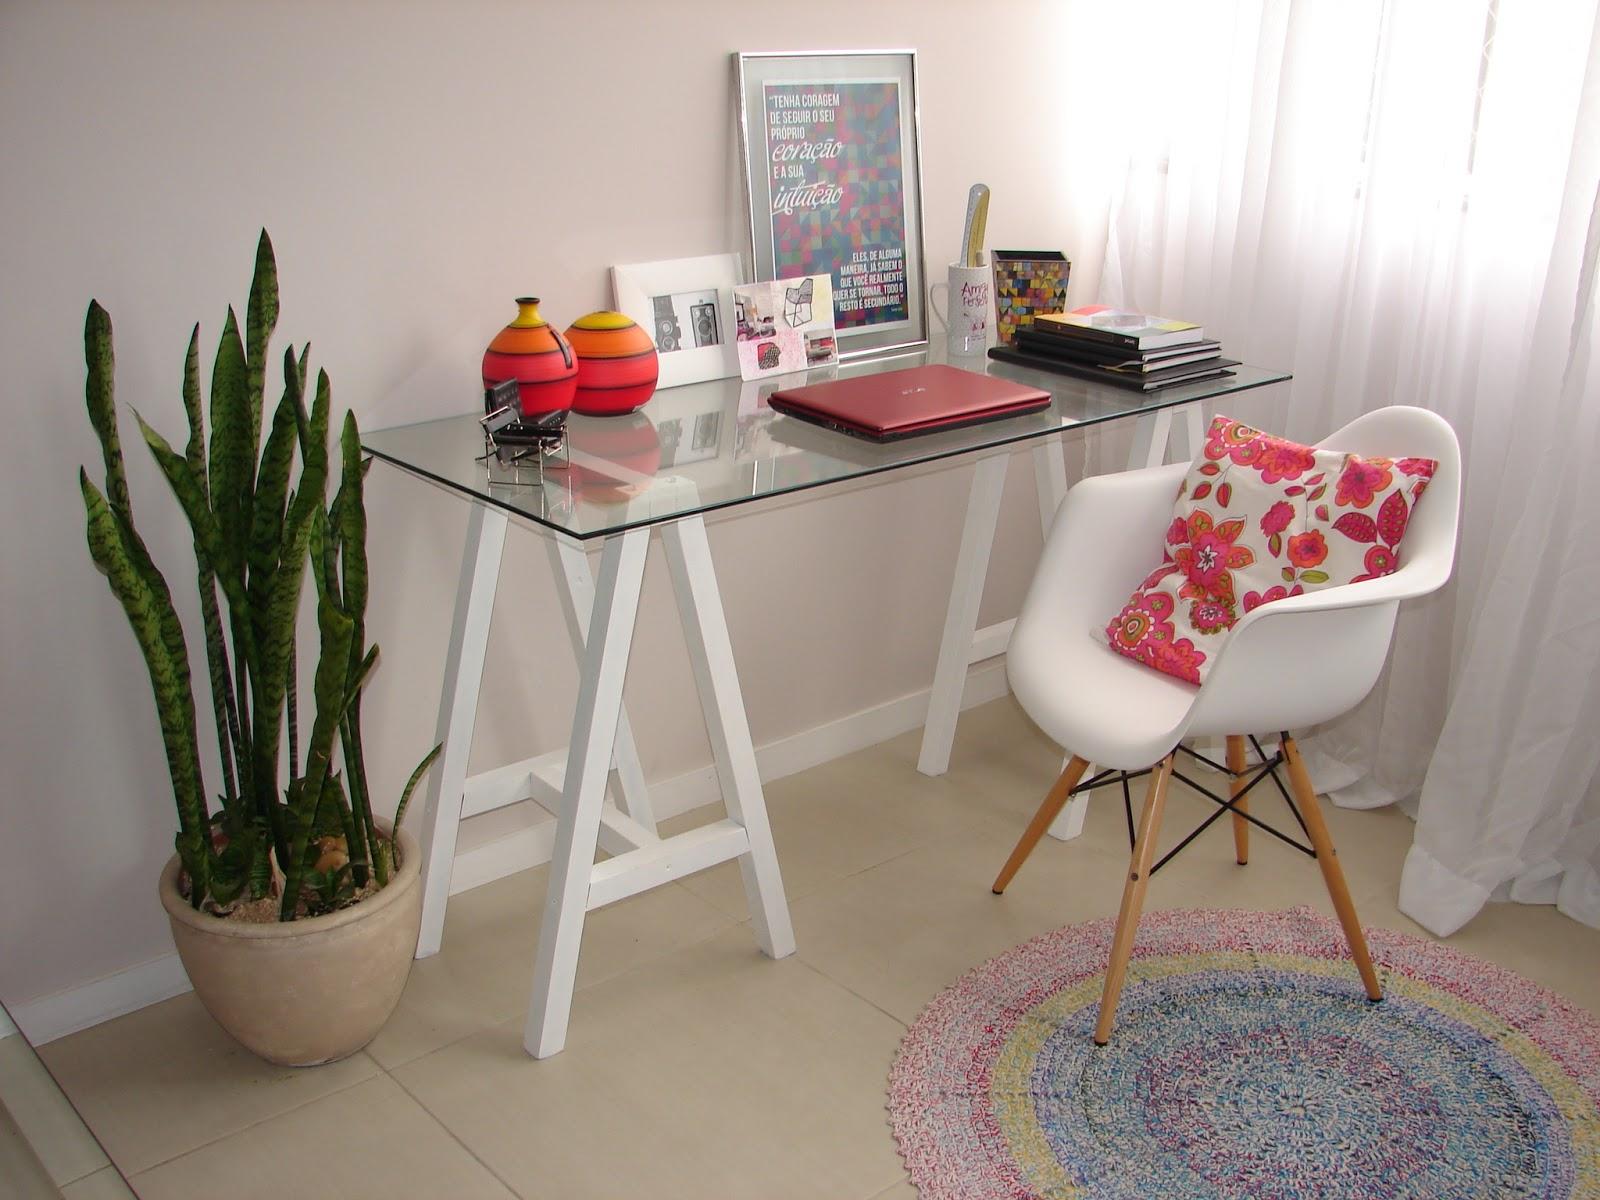 Essa mesa com cavaletes e vidro era meu sonho de consumo sempre quis  #A12A2E 1600x1200